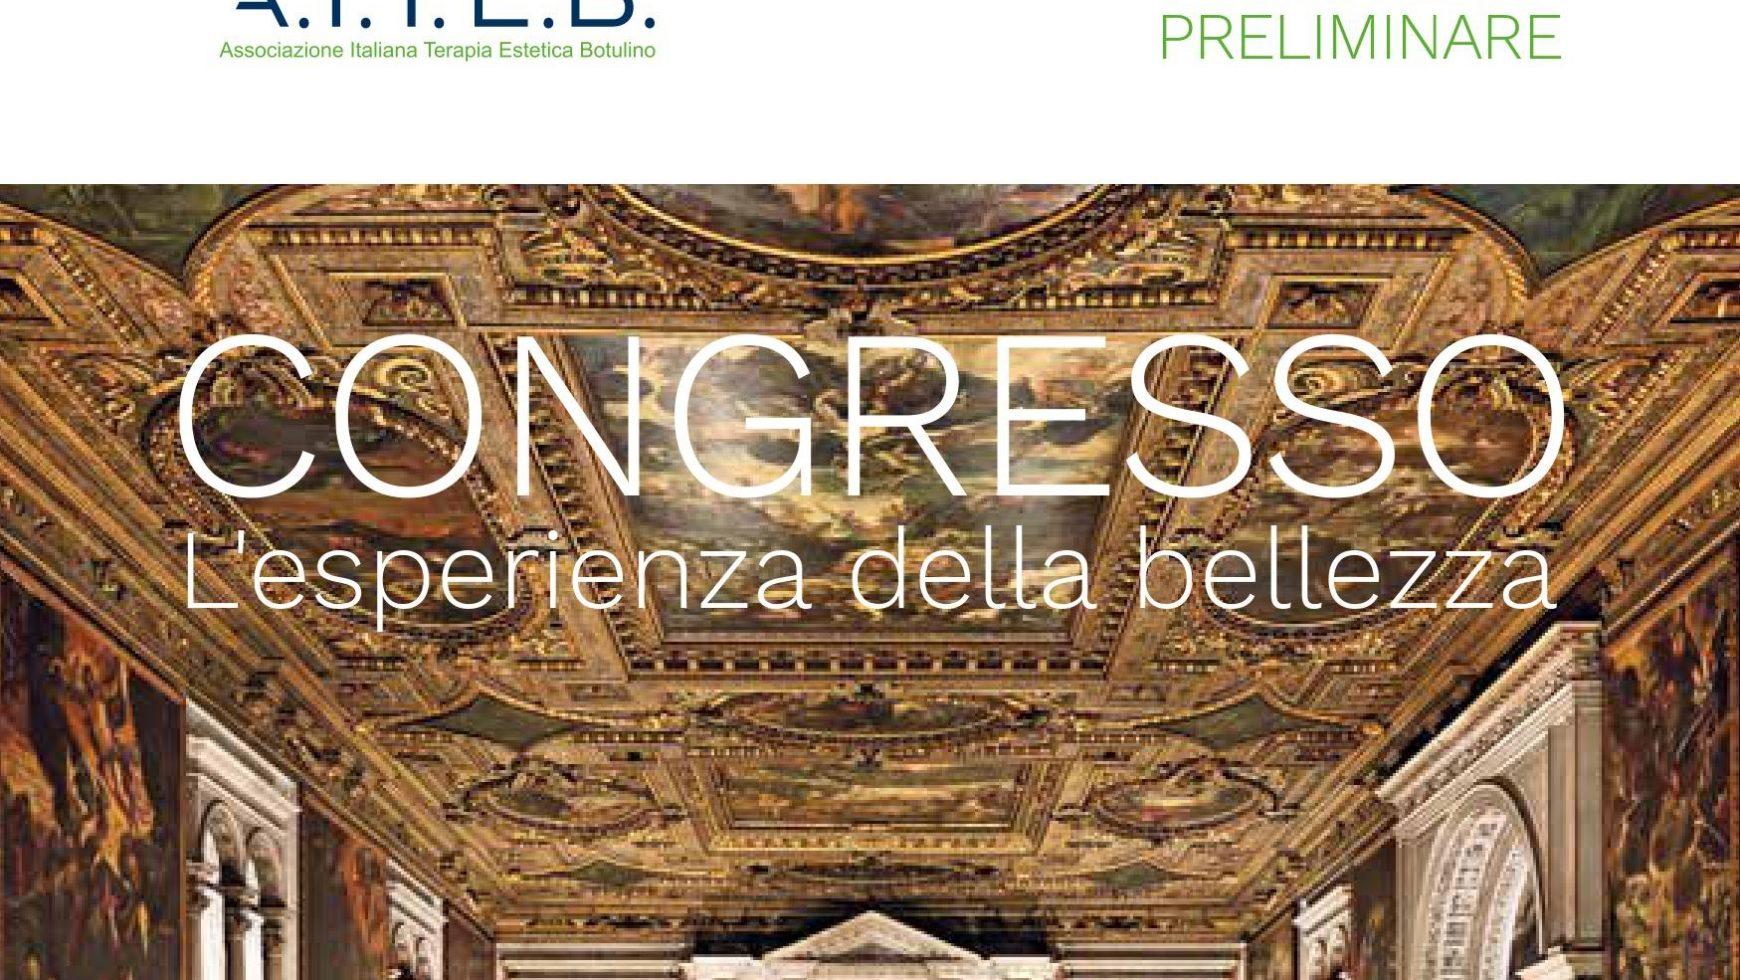 Congresso Nazionale A.I.T.E.B. Venezia 22-23 settembre 2018